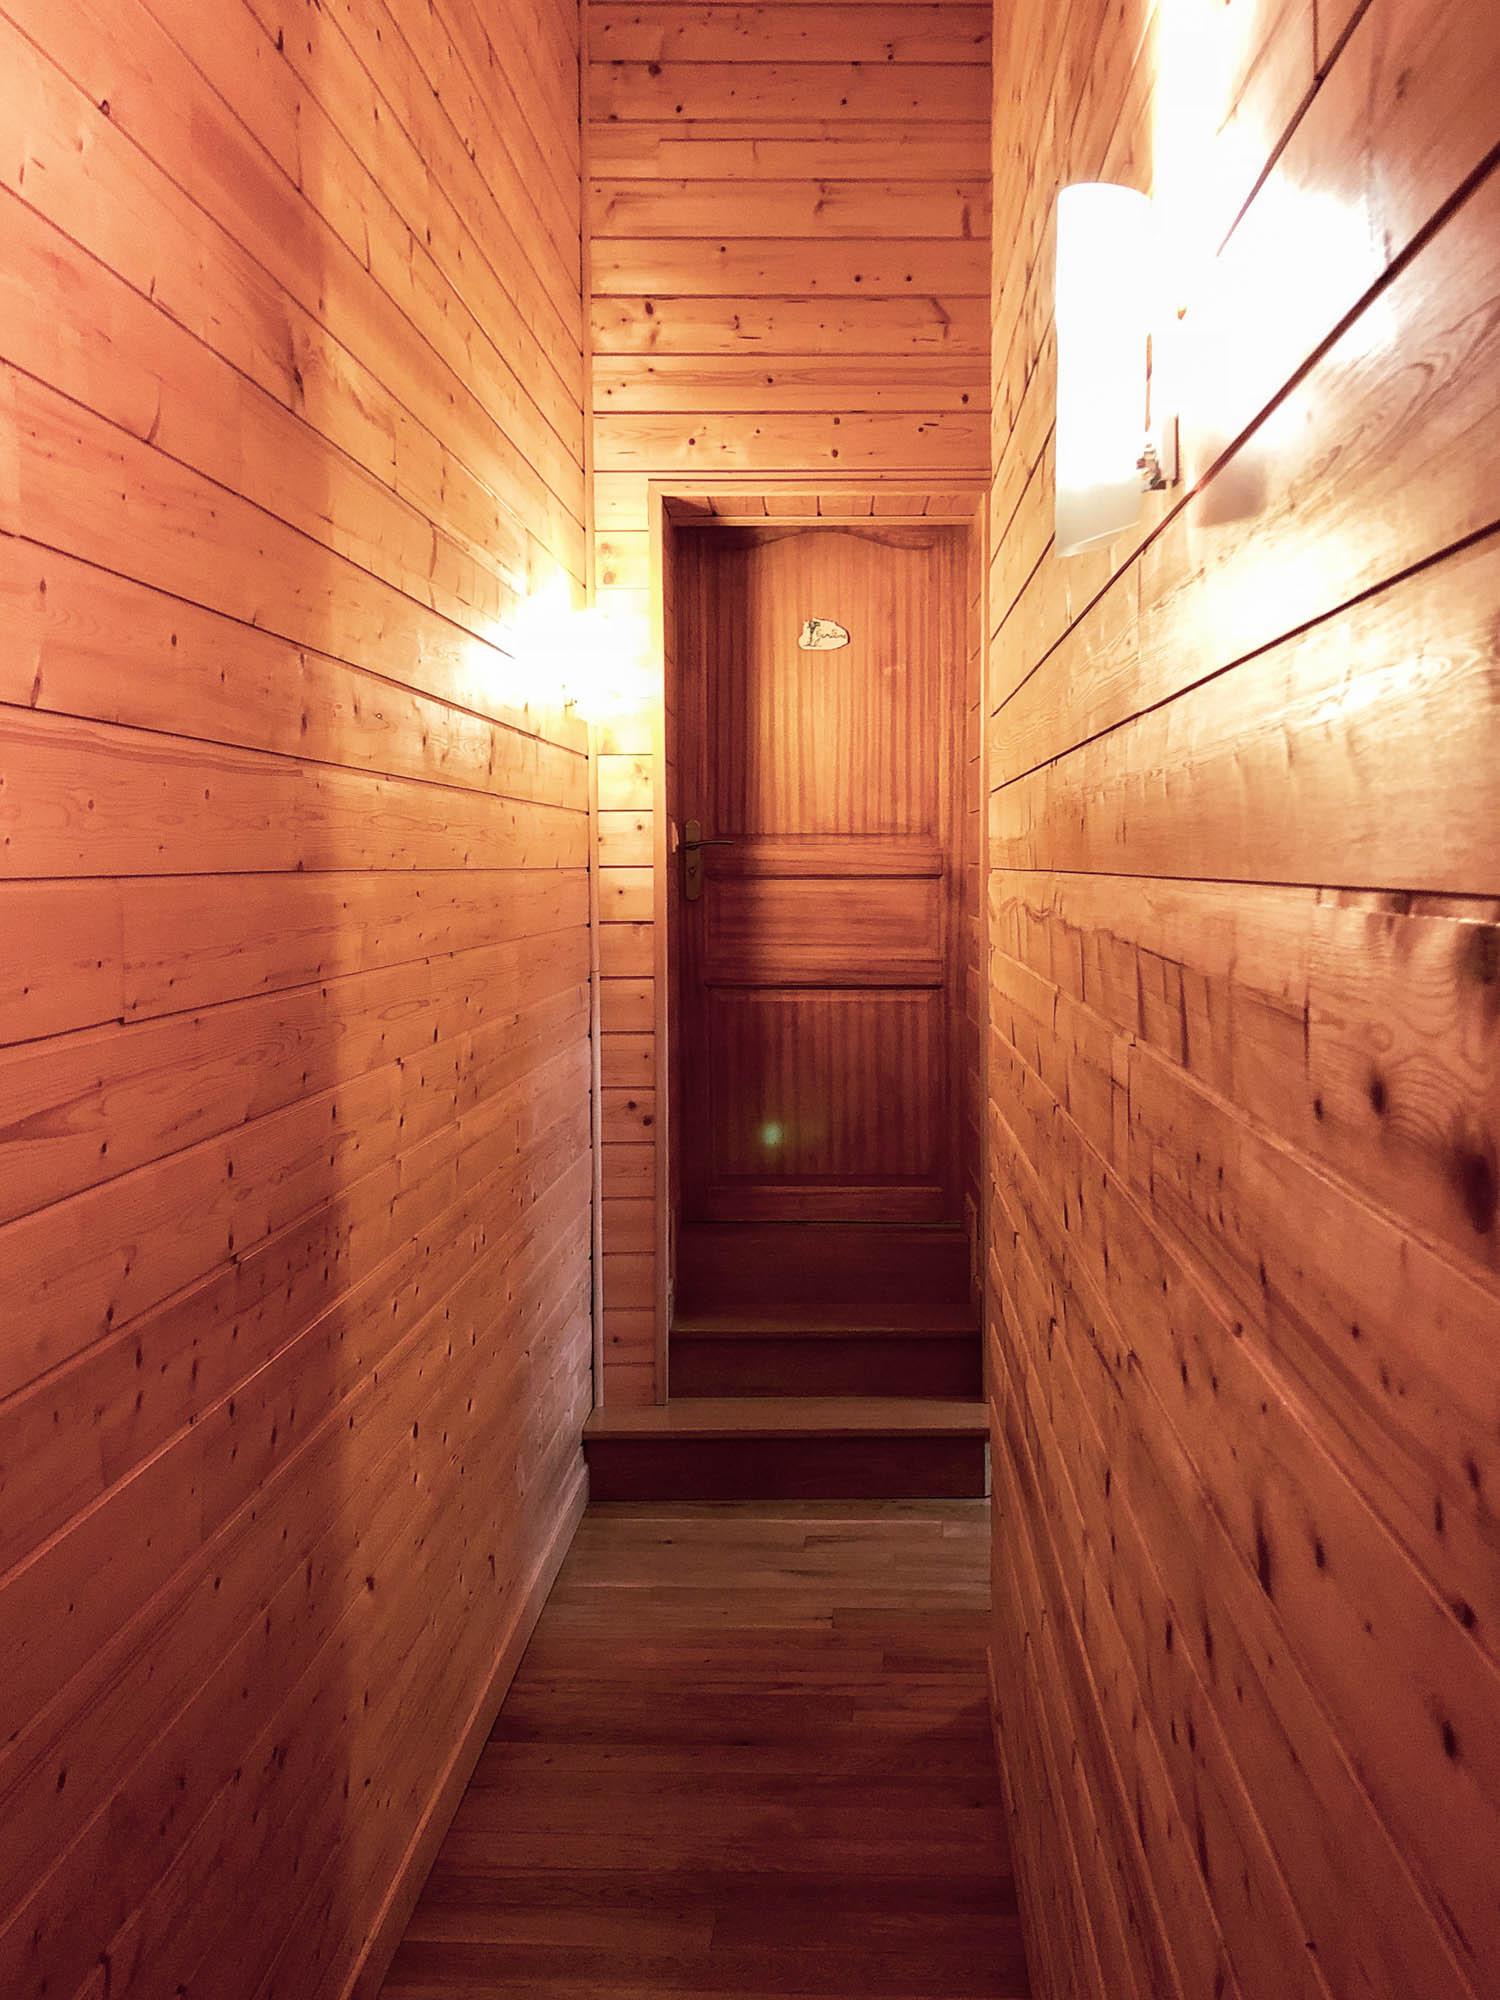 Tout l'étage est en bois